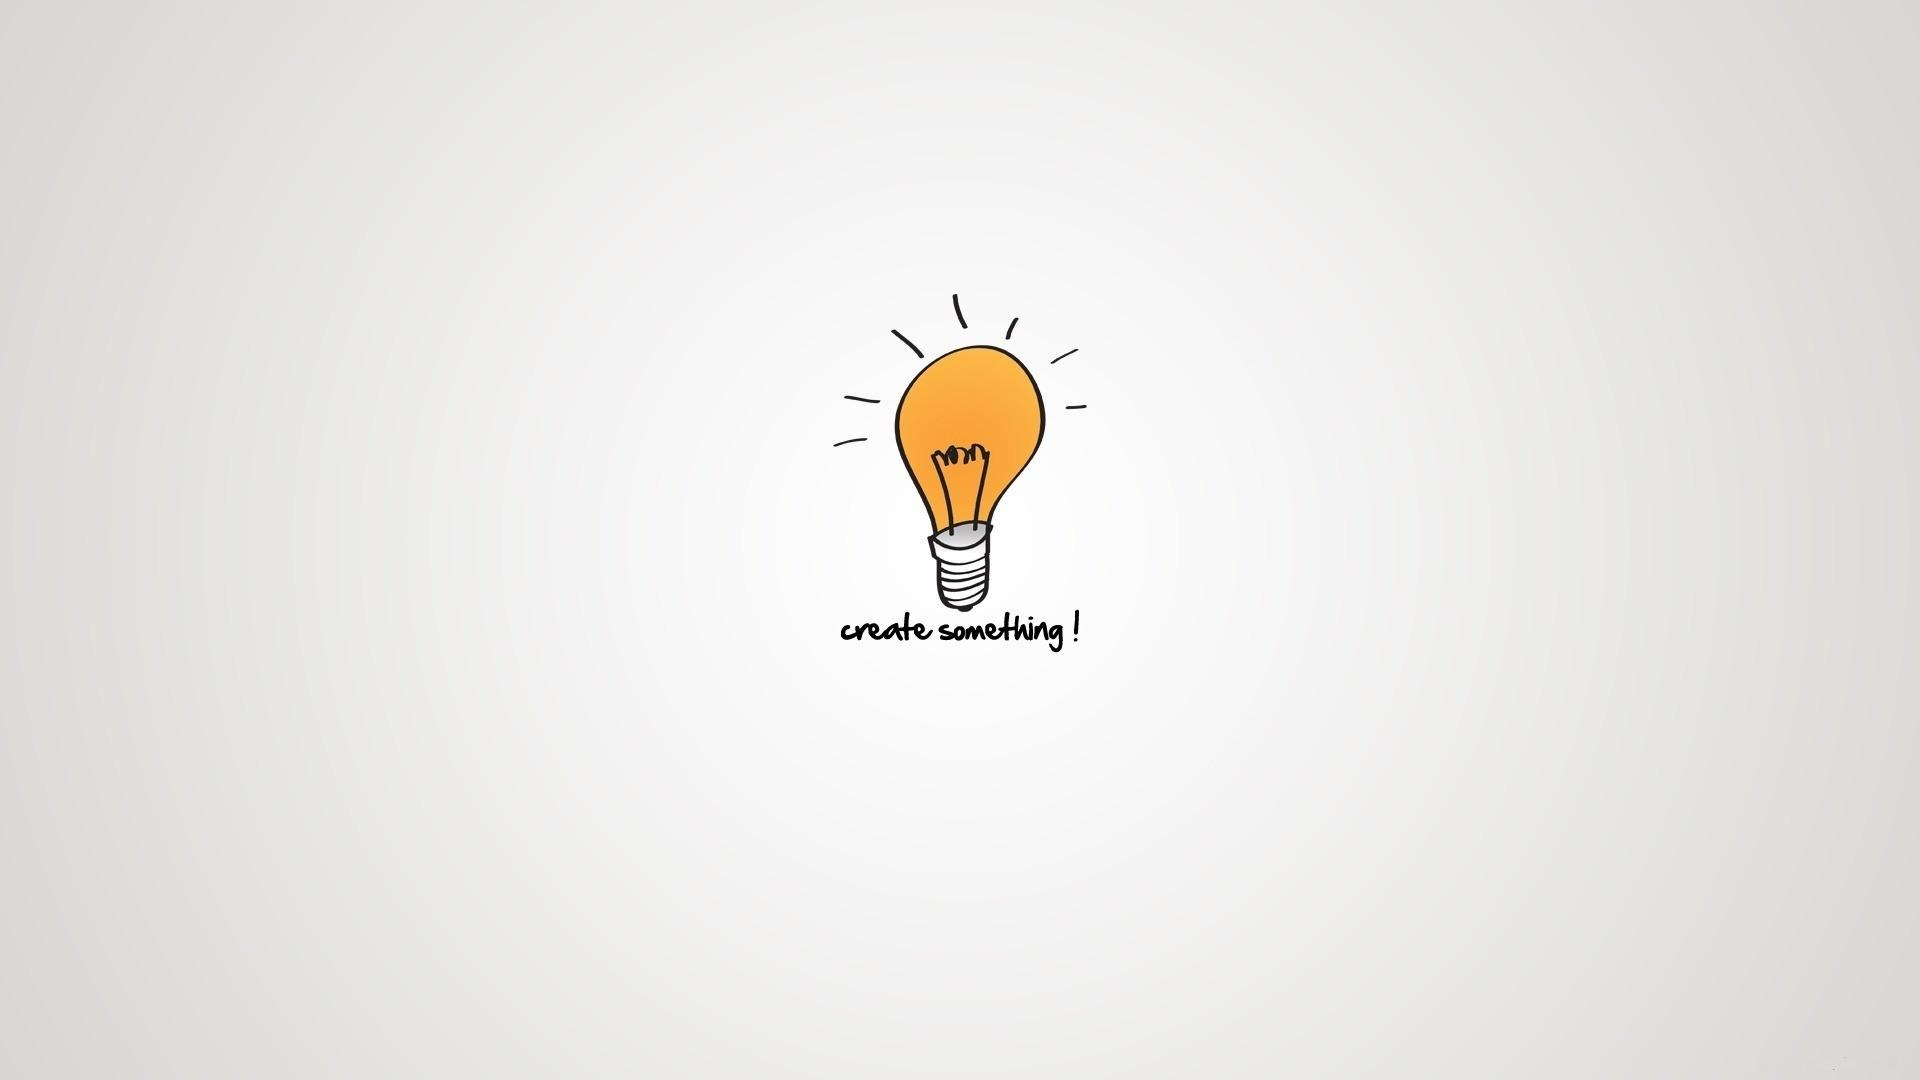 النجاح و الإبداع